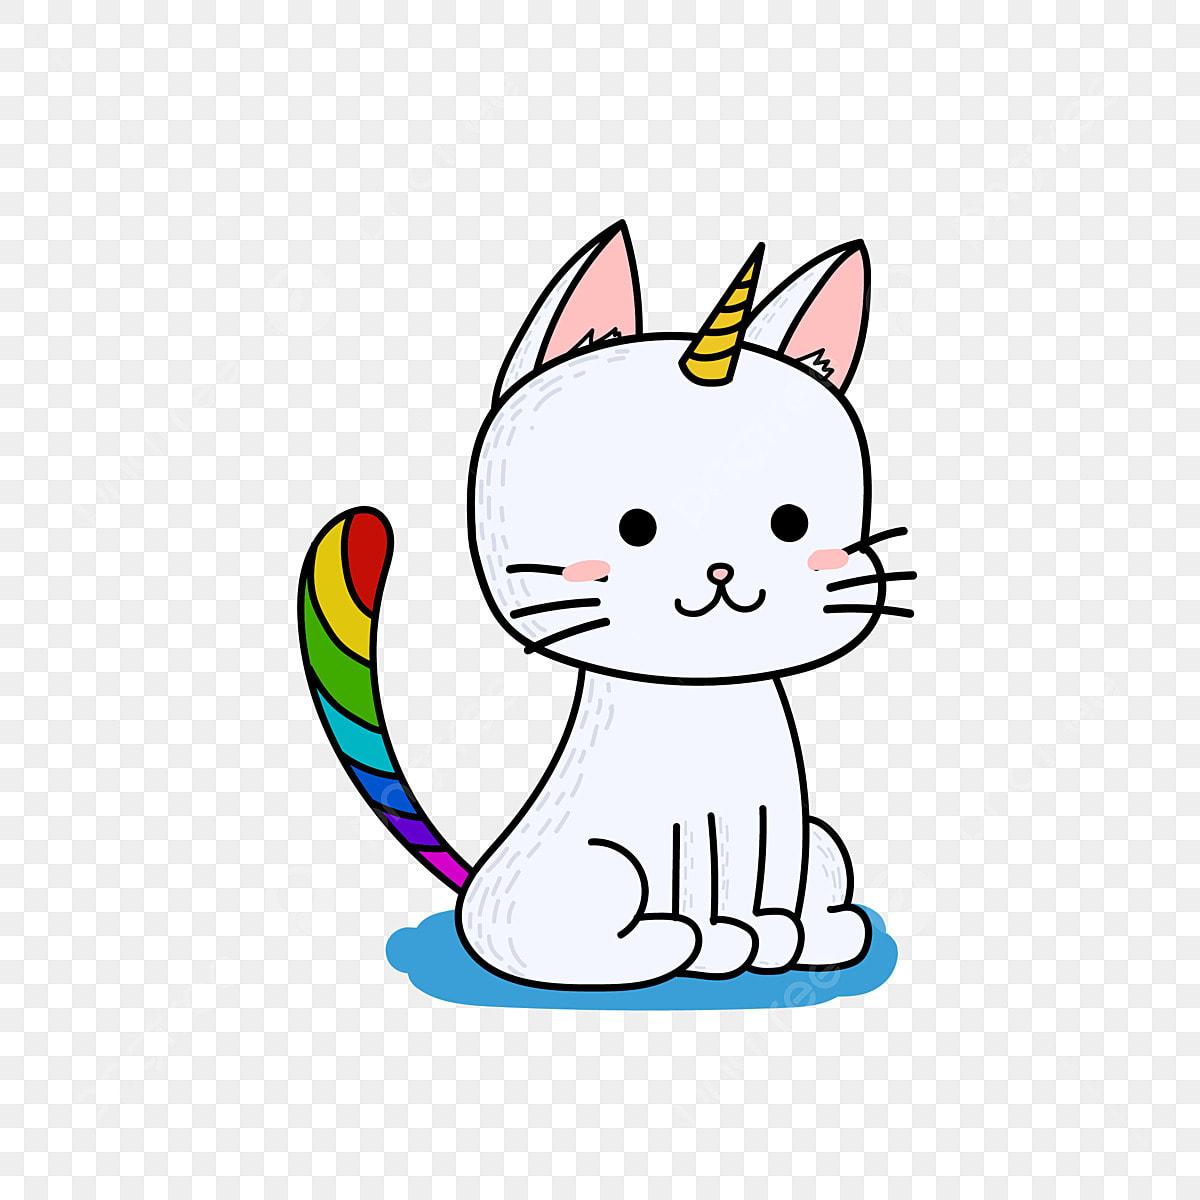 Download 97+ Gambar Kucing Unicorn Paling Bagus Gratis